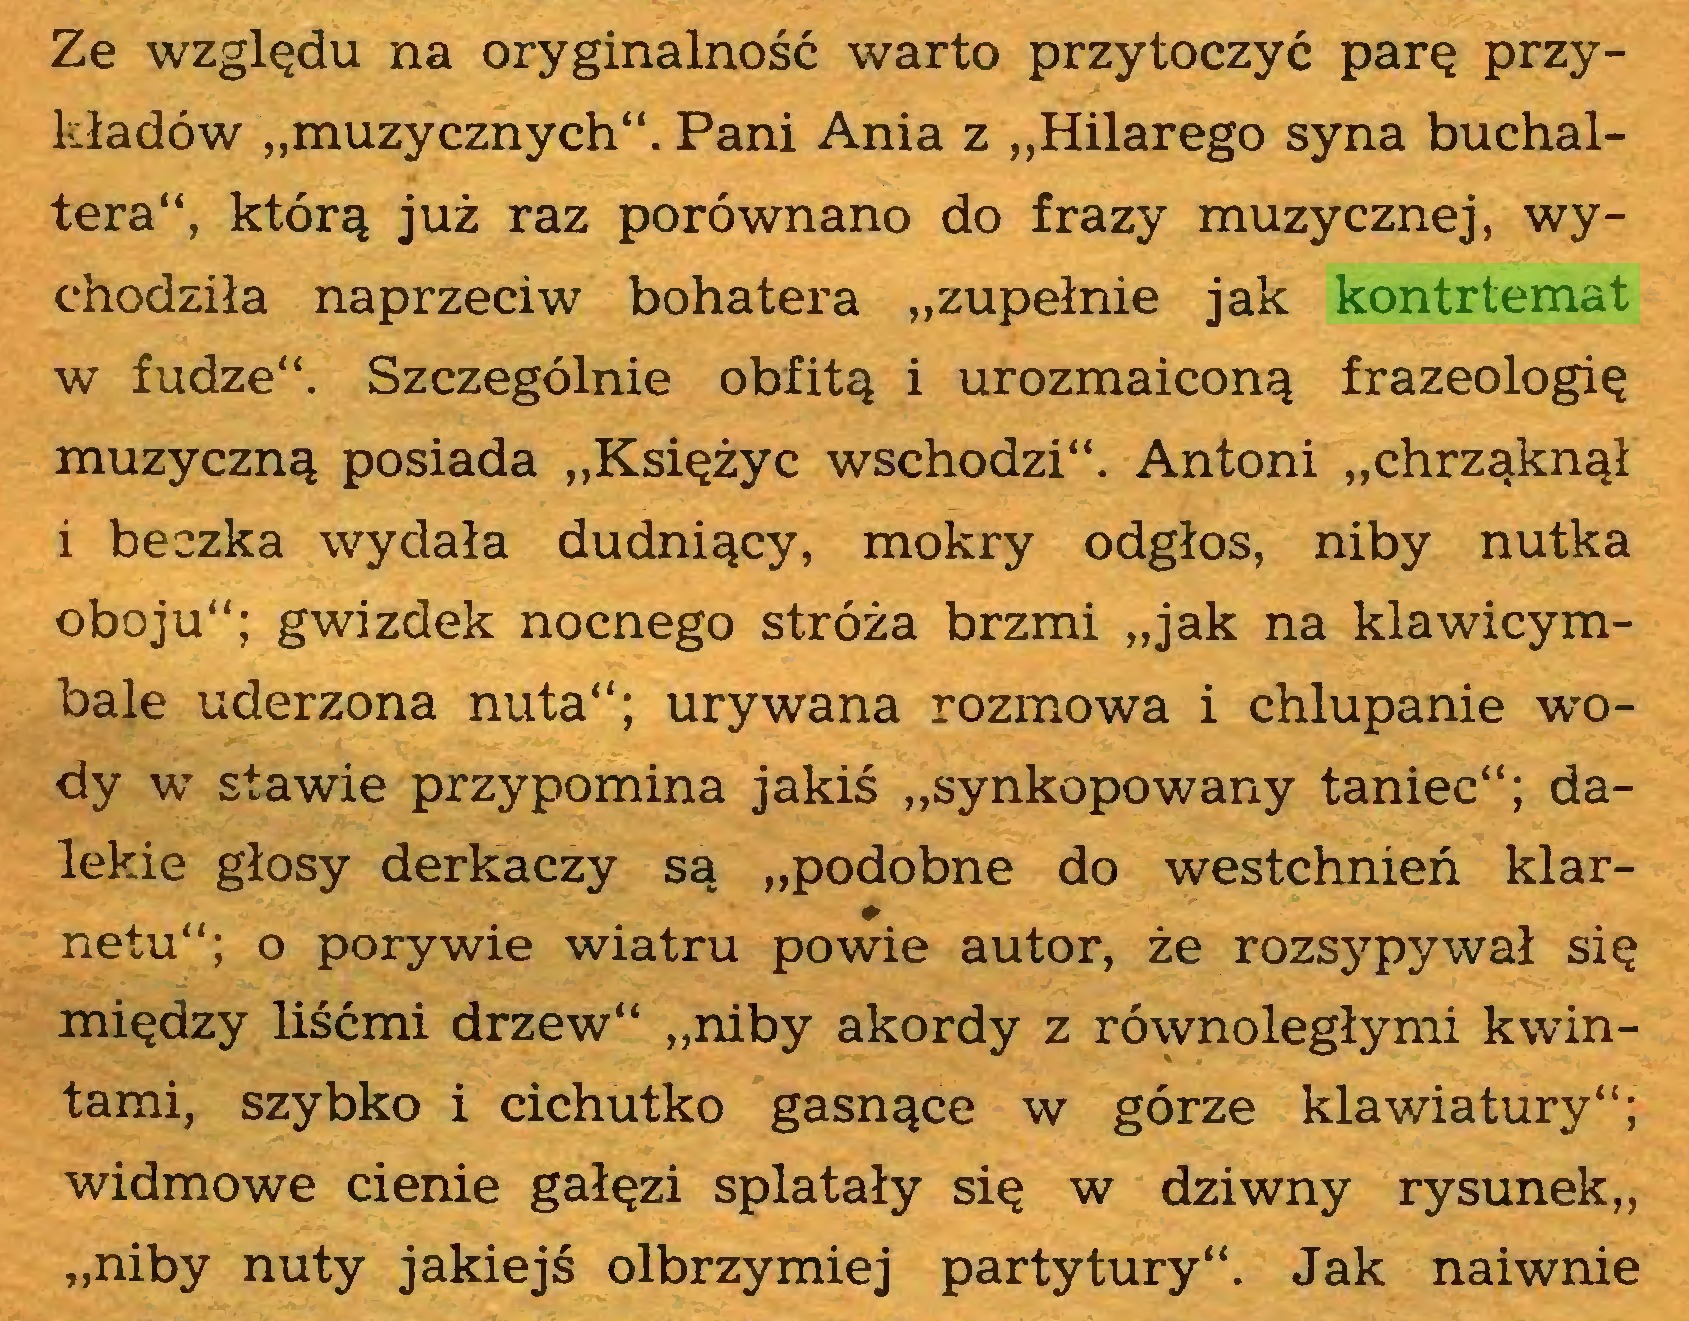 """(...) Ze względu na oryginalność warto przytoczyć parę przykładów """"muzycznych"""". Pani Ania z """"Hilarego syna buchaltera"""", którą już raz porównano do frazy muzycznej, wychodziła naprzeciw bohatera """"zupełnie jak kontrtemat w fudze"""". Szczególnie obfitą i urozmaiconą frazeologię muzyczną posiada """"Księżyc wschodzi"""". Antoni """"chrząknął i beczka wydała dudniący, mokry odgłos, niby nutka oboju""""; gwizdek nocnego stróża brzmi """"jak na klawicymbale uderzona nuta""""; urywana rozmowa i chlupanie wody w stawie przypomina jakiś """"synkopowany taniec""""; dalekie głosy derkaczy są """"podobne do westchnień klarnetu""""; o porywie wiatru powie autor, że rozsypywał się między liśćmi drzew"""" """"niby akordy z równoległymi kwintami, szybko i cichutko gasnące w górze klawiatury""""; widmowe cienie gałęzi splatały się w dziwny rysunek,, """"niby nuty jakiejś olbrzymiej partytury"""". Jak naiwnie..."""